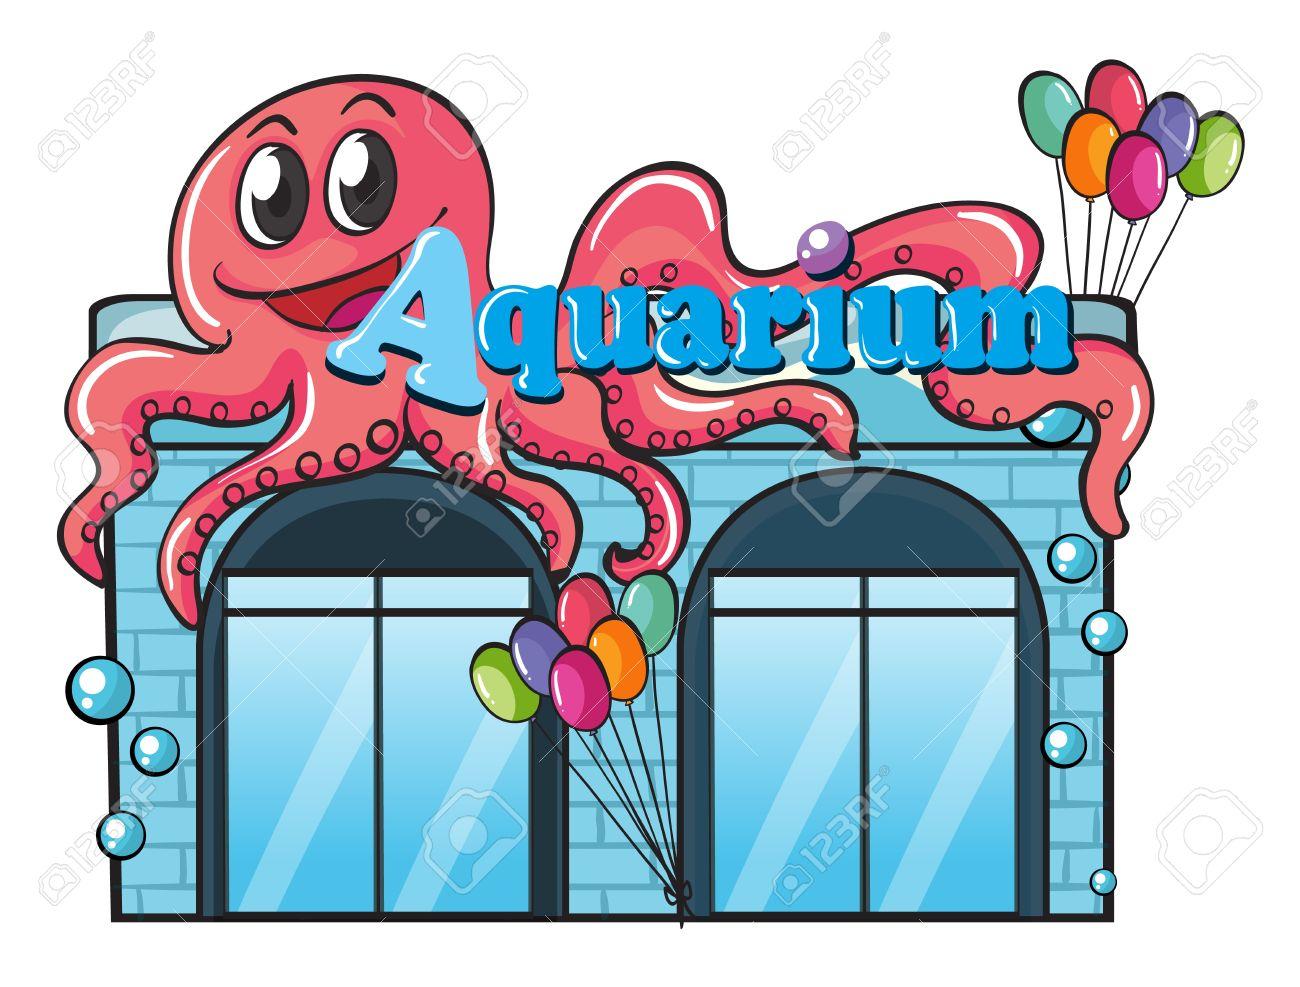 Aquarium clipart aquarium building.  collection of high